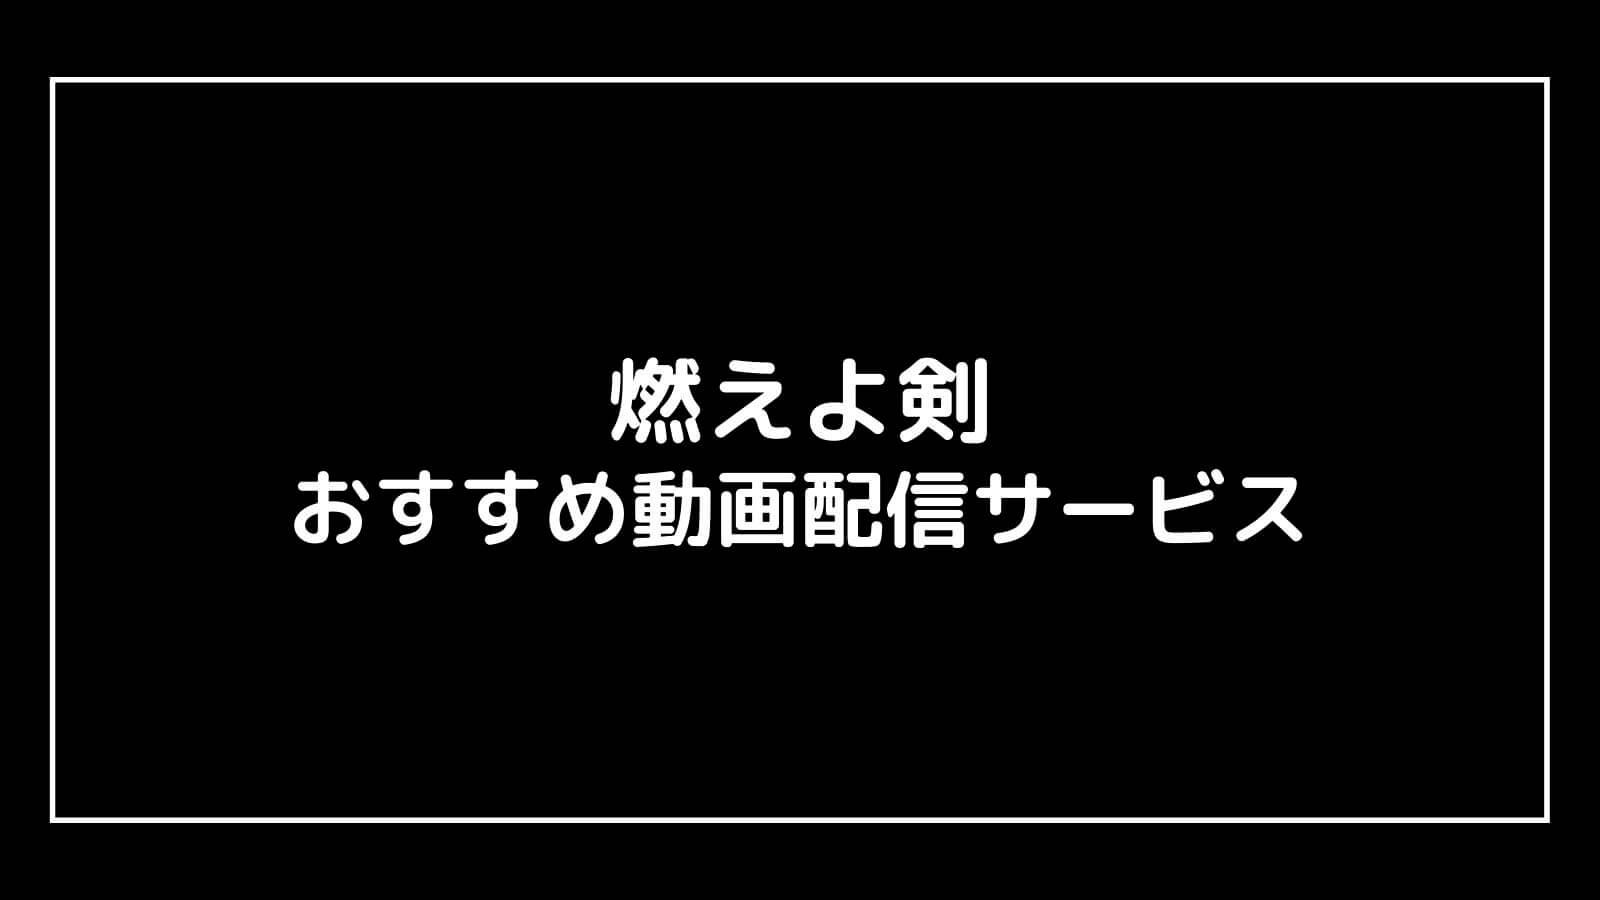 映画『燃えよ剣』の無料動画配信をフル視聴する方法